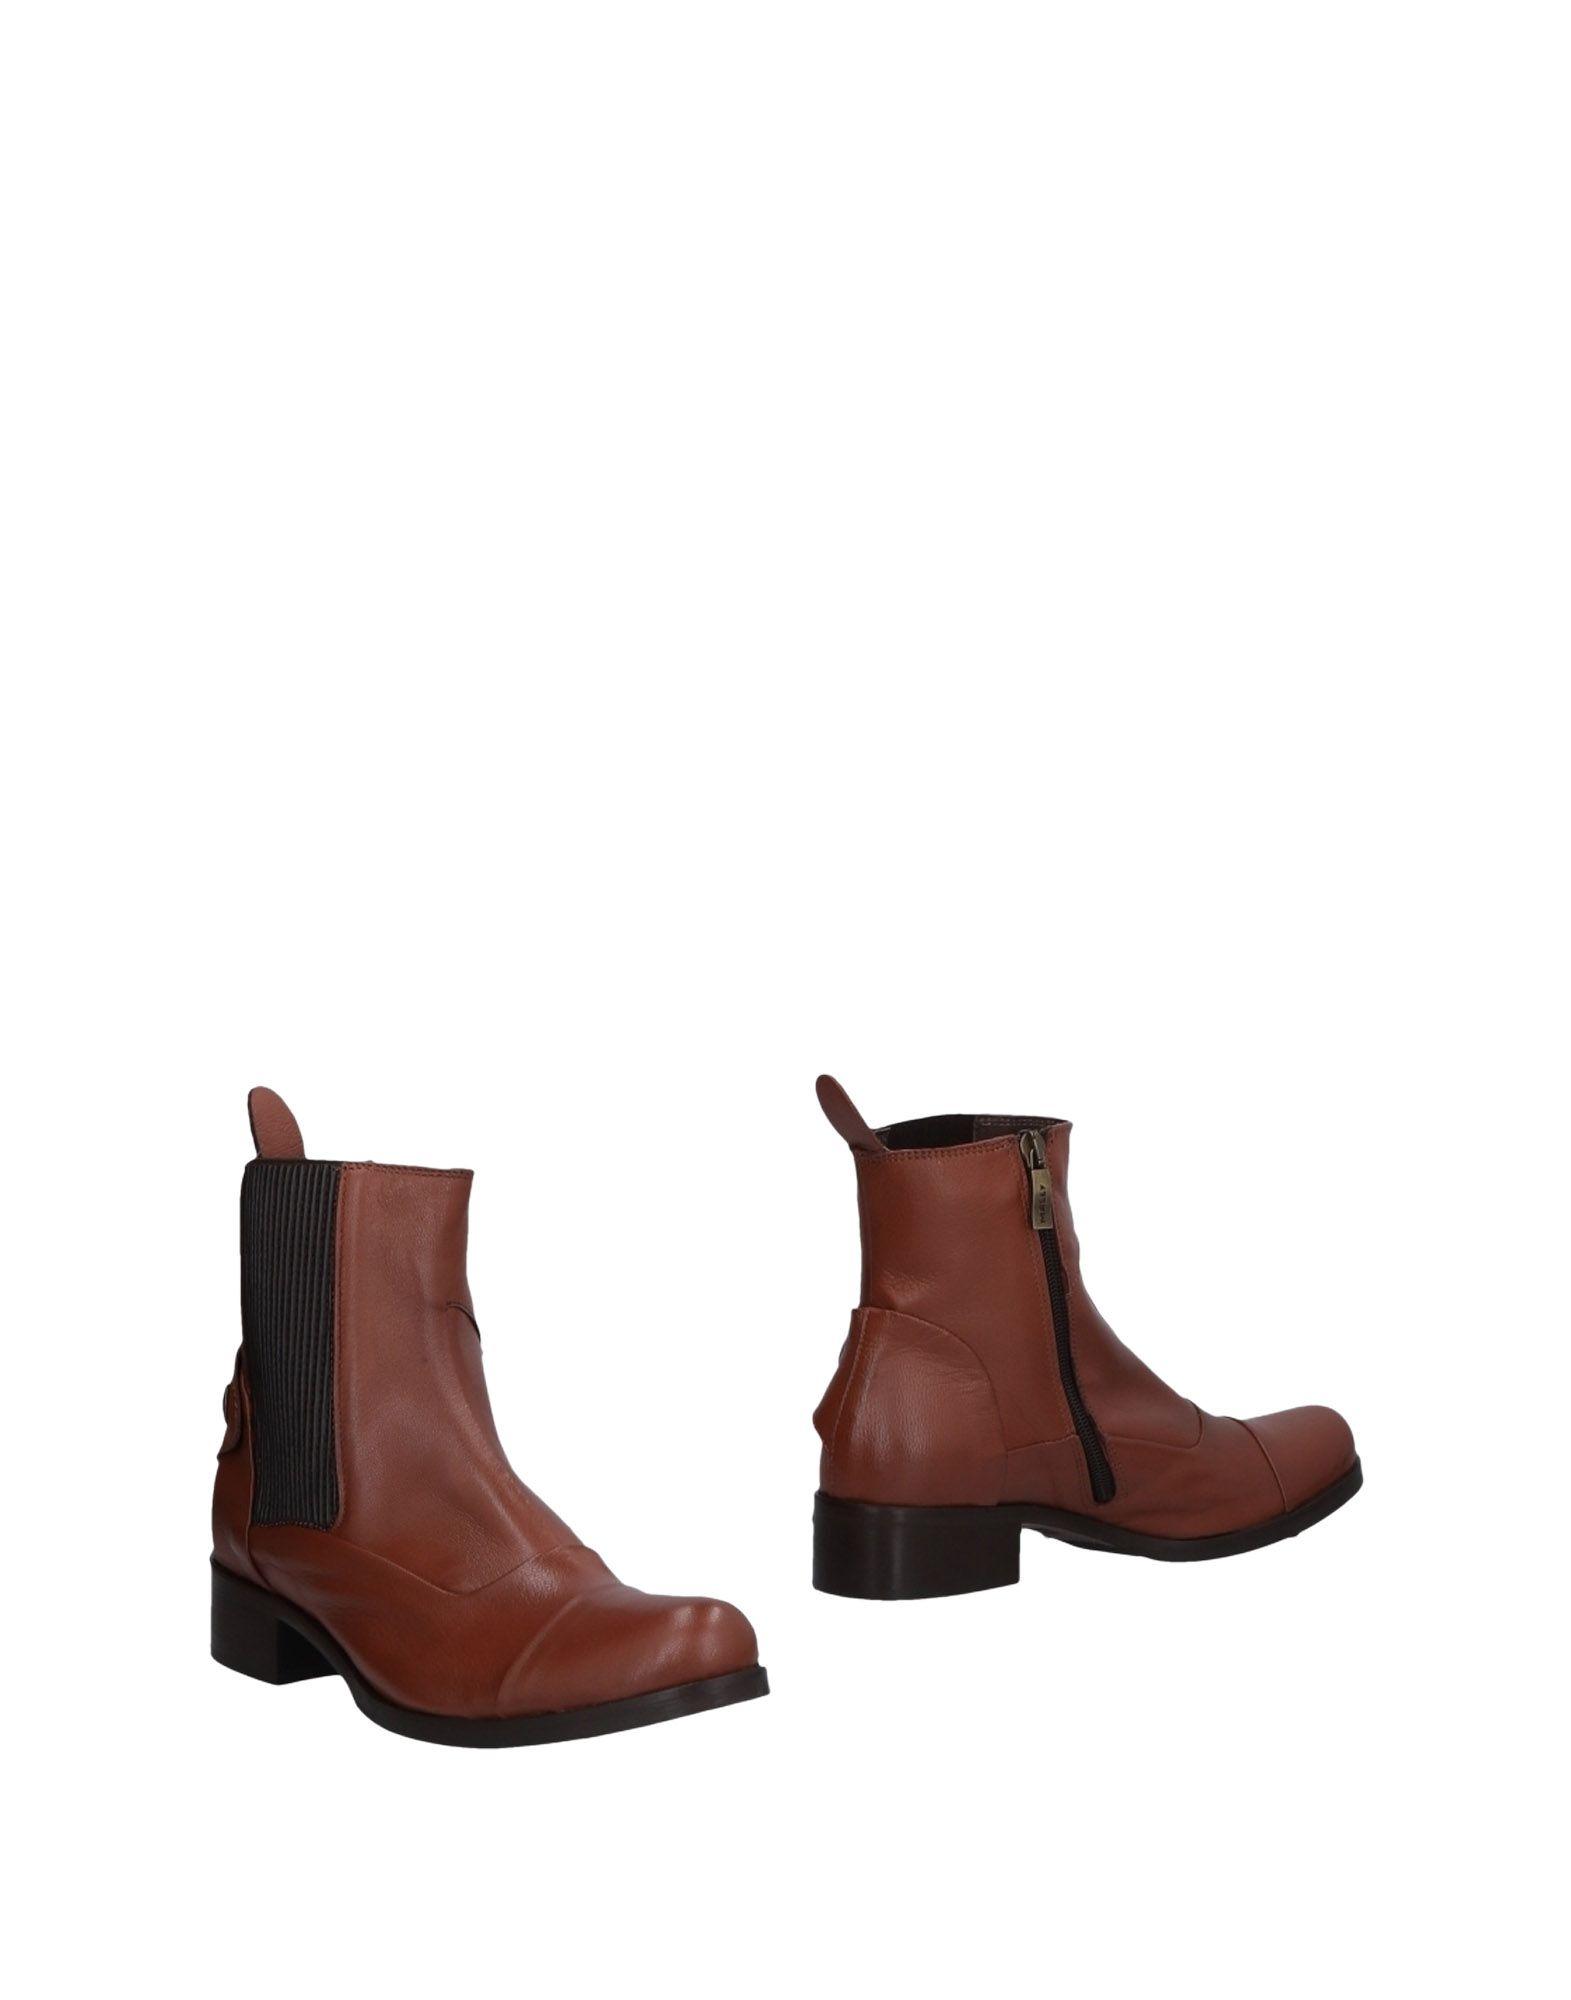 Mally Chelsea Boots Damen  11476346GW Gute Qualität beliebte Schuhe